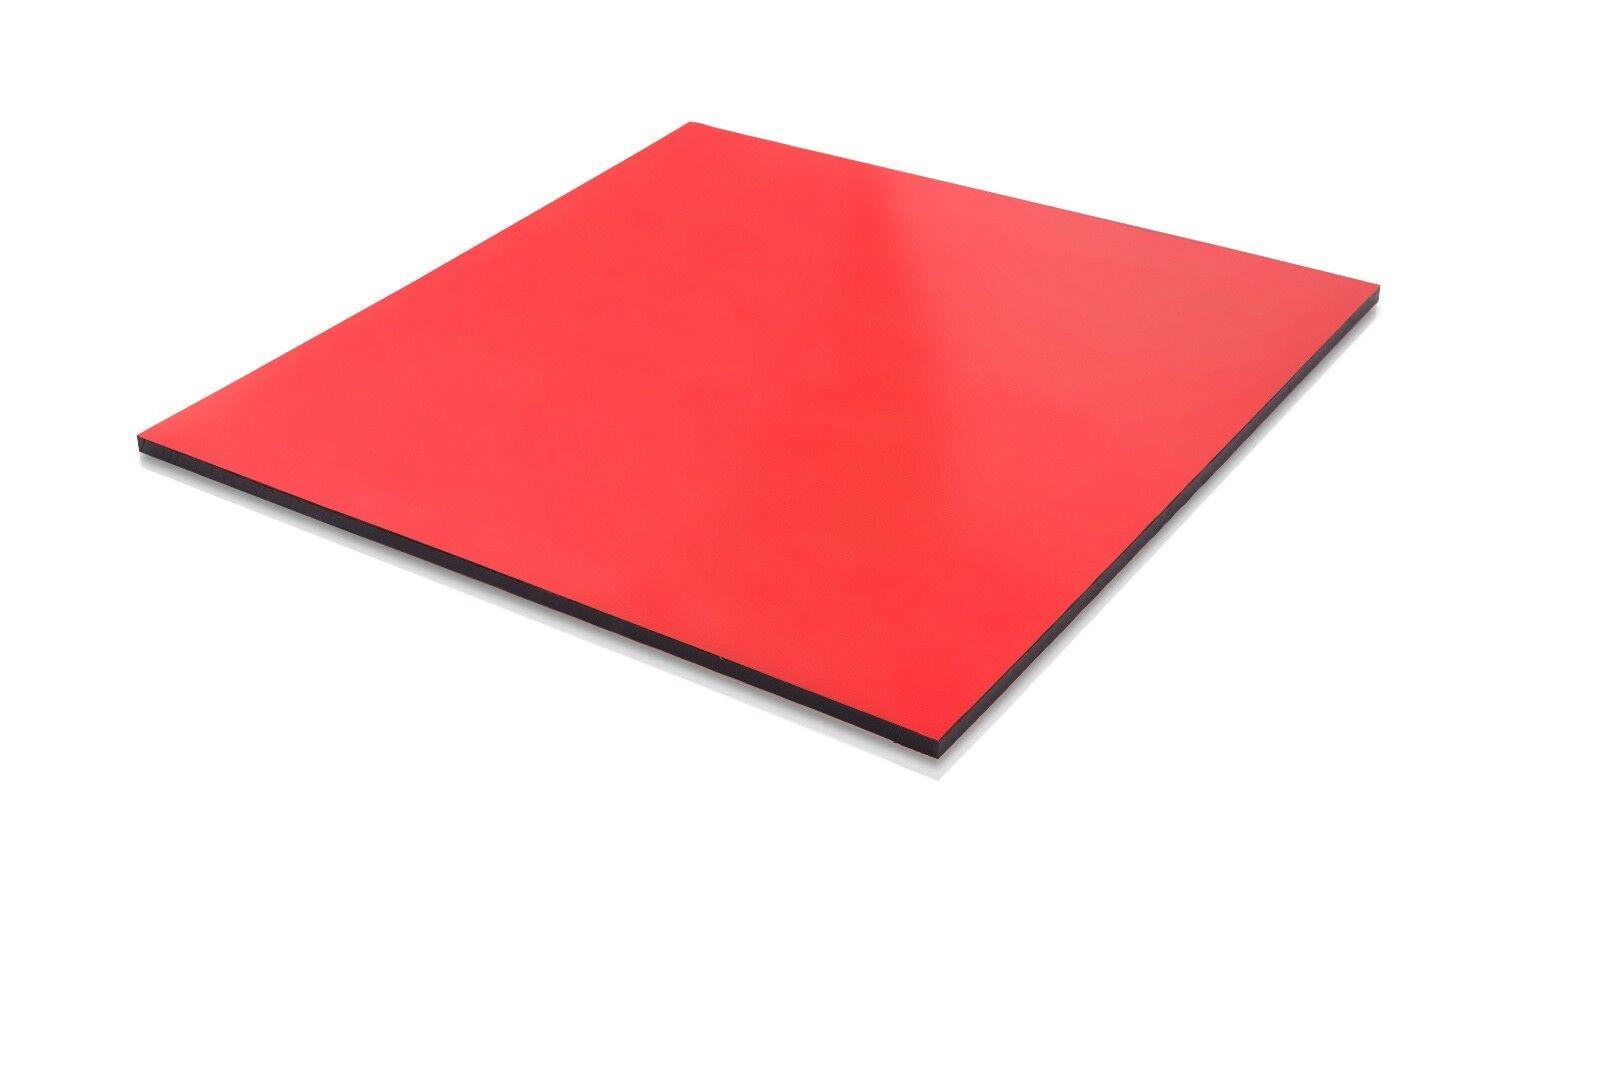 En Plastique Rouge (PEHD) Planche à découper 0.500  - 1 2  X 24  x 48  FDA Nsf